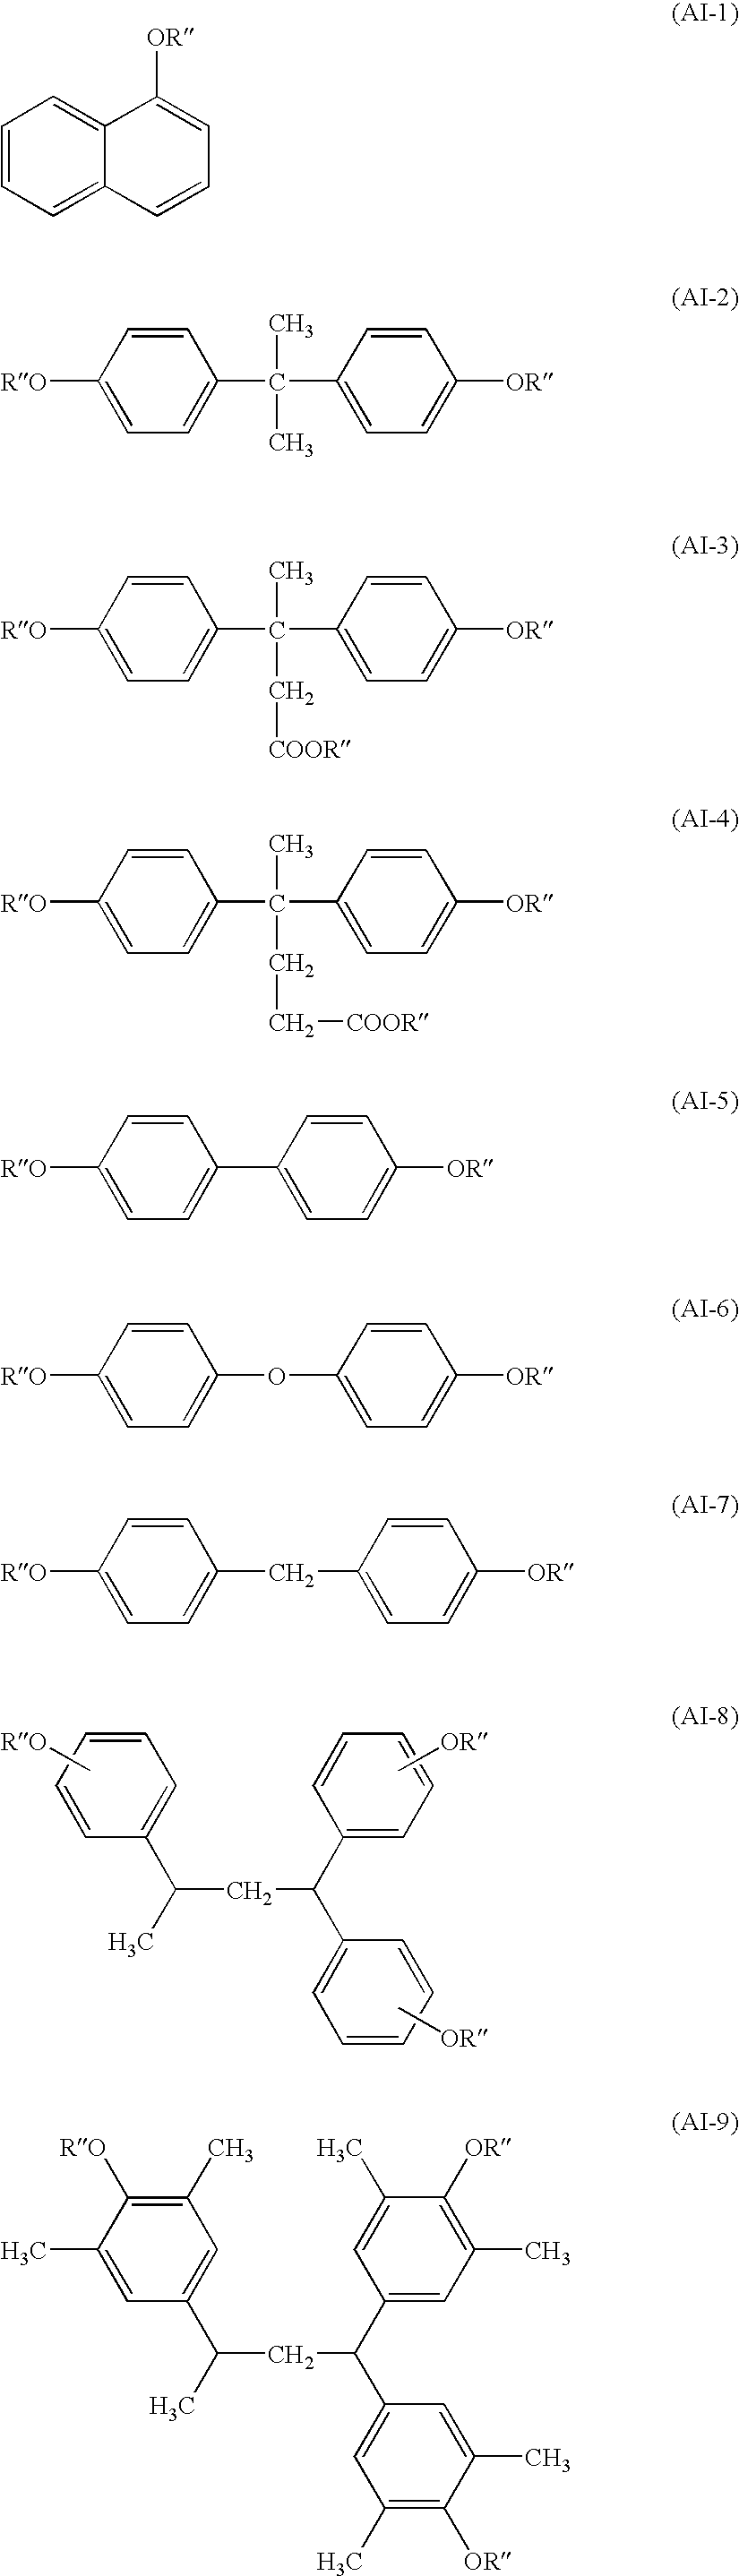 Figure US08129086-20120306-C00079